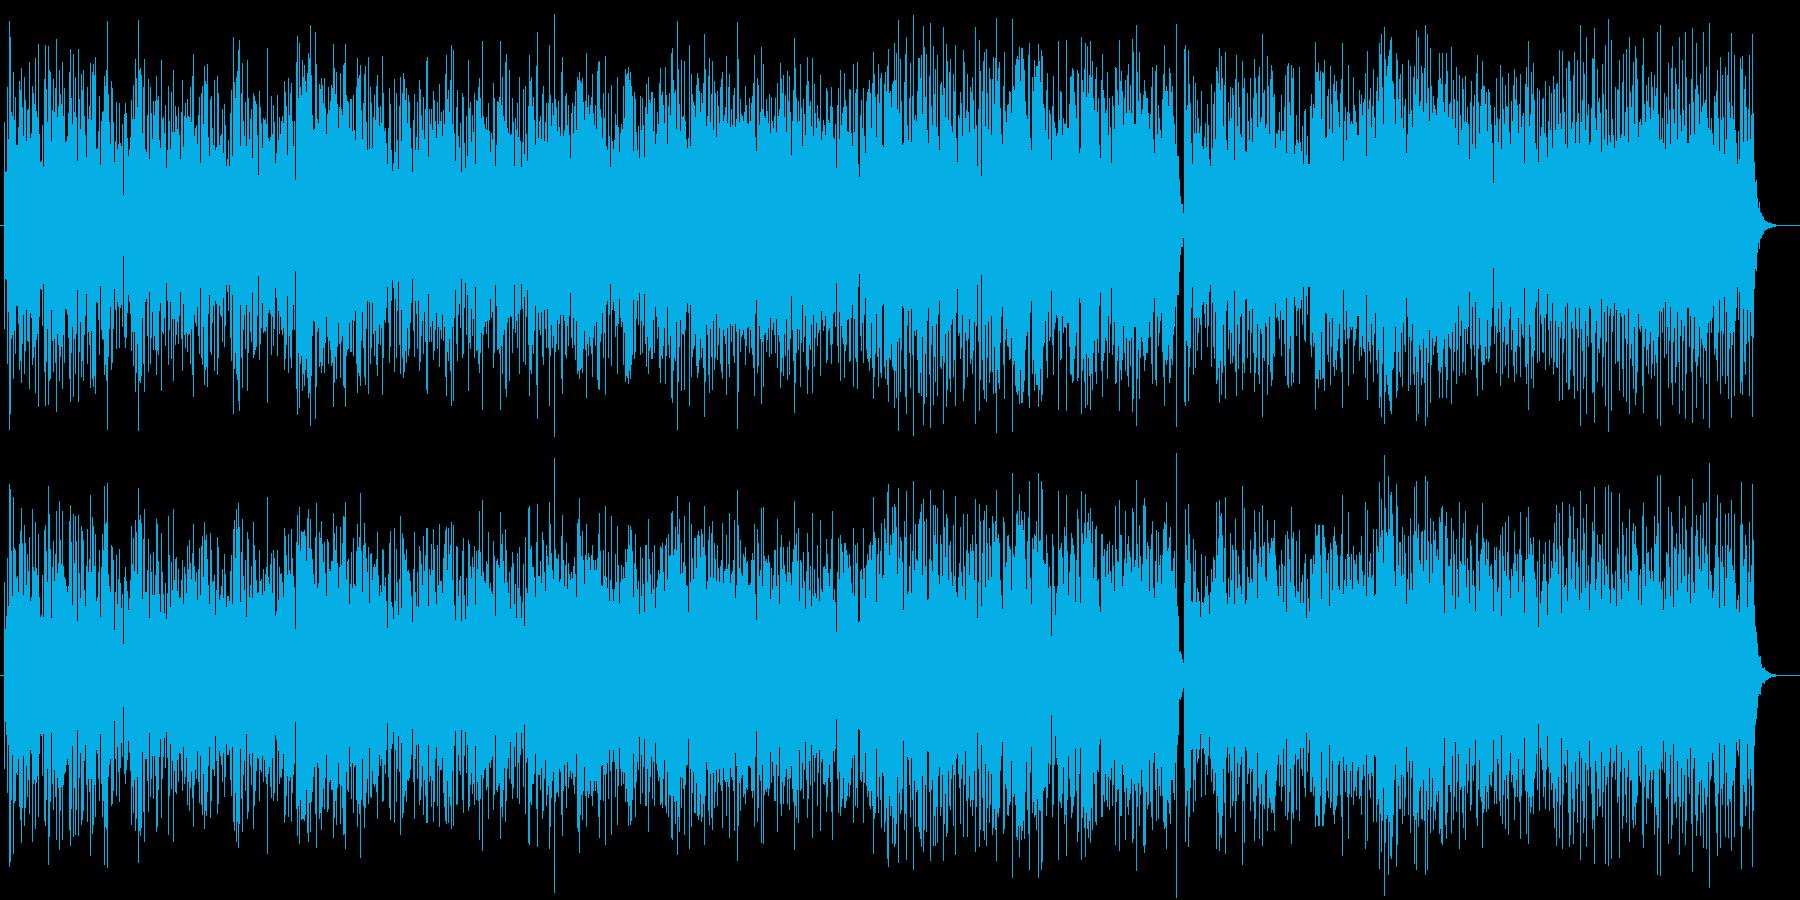 明るいトロピカルラテン系ピアノサウンドの再生済みの波形